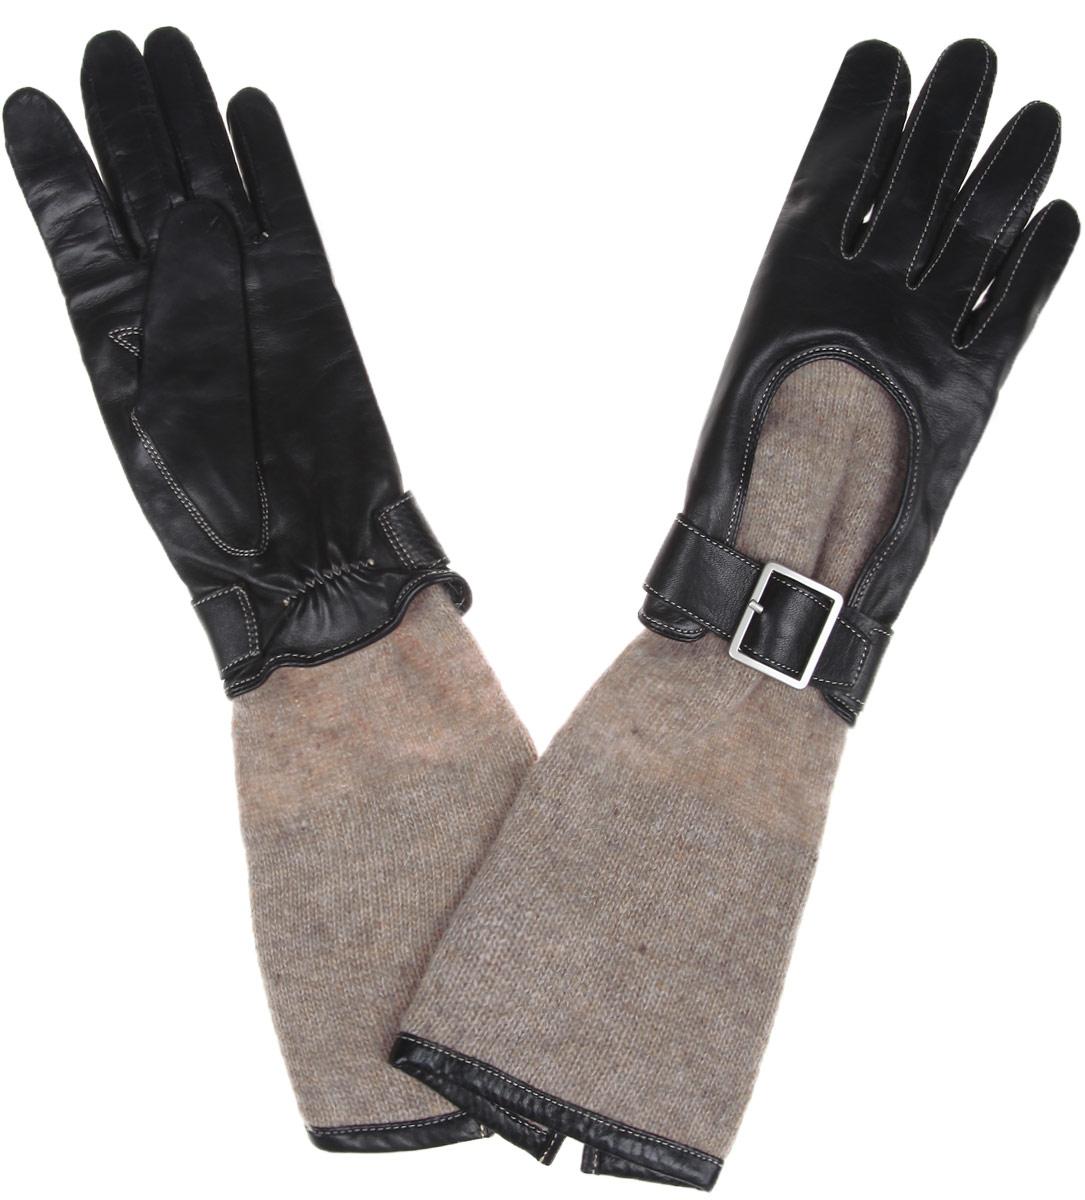 Перчатки женские 2в1. 13_AUSSI13_AUSSI/BL.GRСтильные перчатки 2в1 Dali Exclusive выполнены из мягкой и приятной на ощупь натуральной кожи ягненка и натуральной шерсти. Перчатки 2в1 представляют собой два вида перчаток - одни выполнены из натуральной кожи, а другие - из 100% шерсти. Перчатки из натуральной кожи на лицевой стороне имеют выемку с ремешком на пряжке. С тыльной стороны они присборены на эластичную резинку для лучшей посадки. Оформлено изделие контрастной прострочкой. Шерстяные удлиненные перчатки на манжетах оформлены контрастной вставкой из натуральной кожи. Такие перчатки подчеркнут ваш стиль и неповторимость.